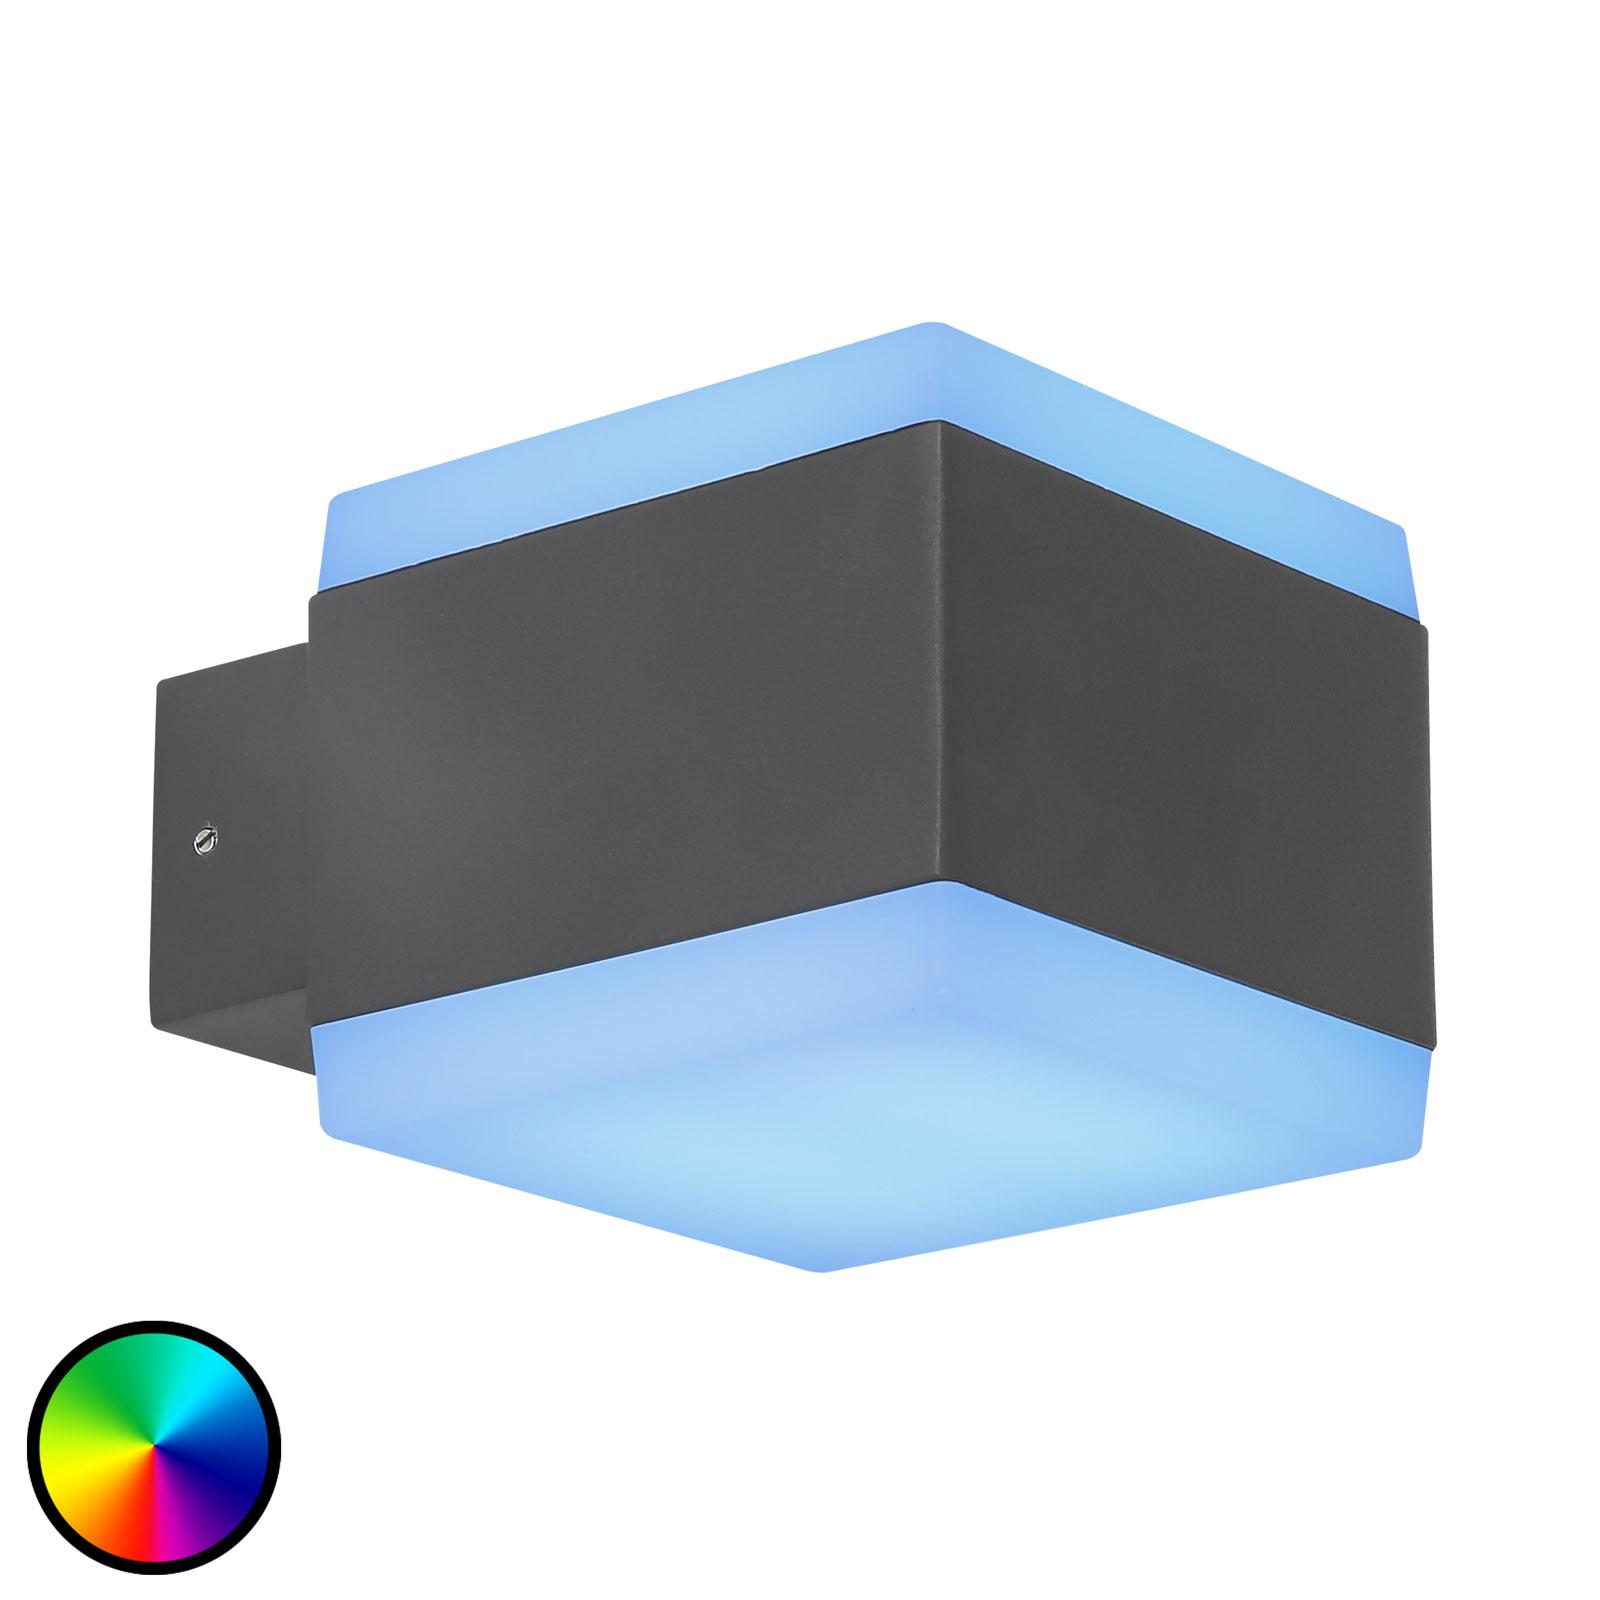 Kinkiet zewnętrzny LED Slice Tuya-Smart RGBW CCT